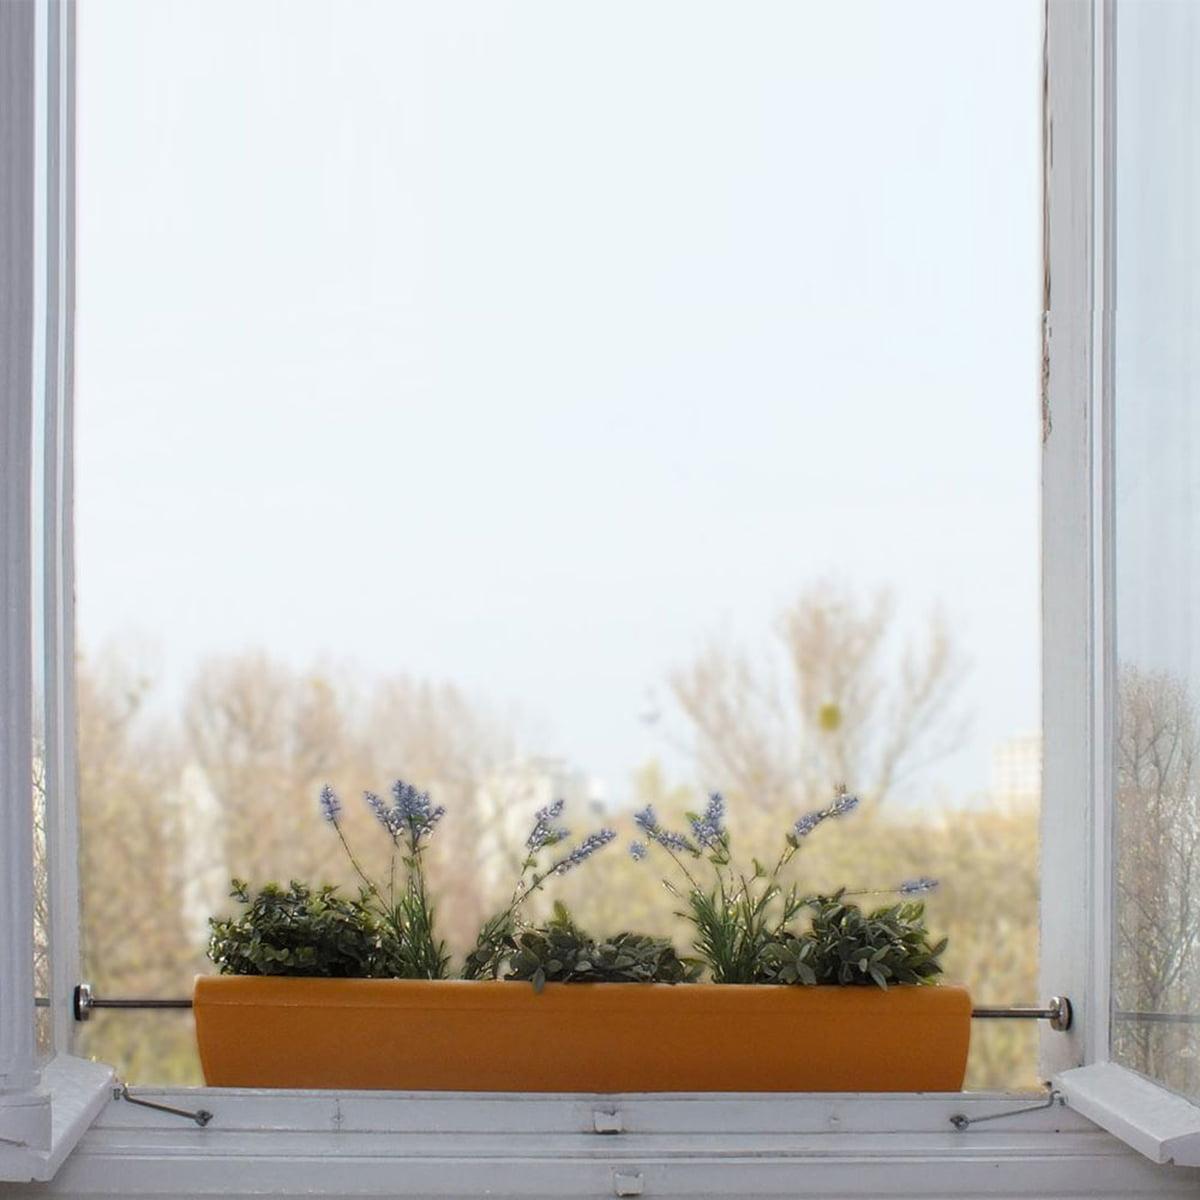 Bord De Fenetre Interieur rephorm - jardinière pour rebord de fenêtre windowgreen, blanche